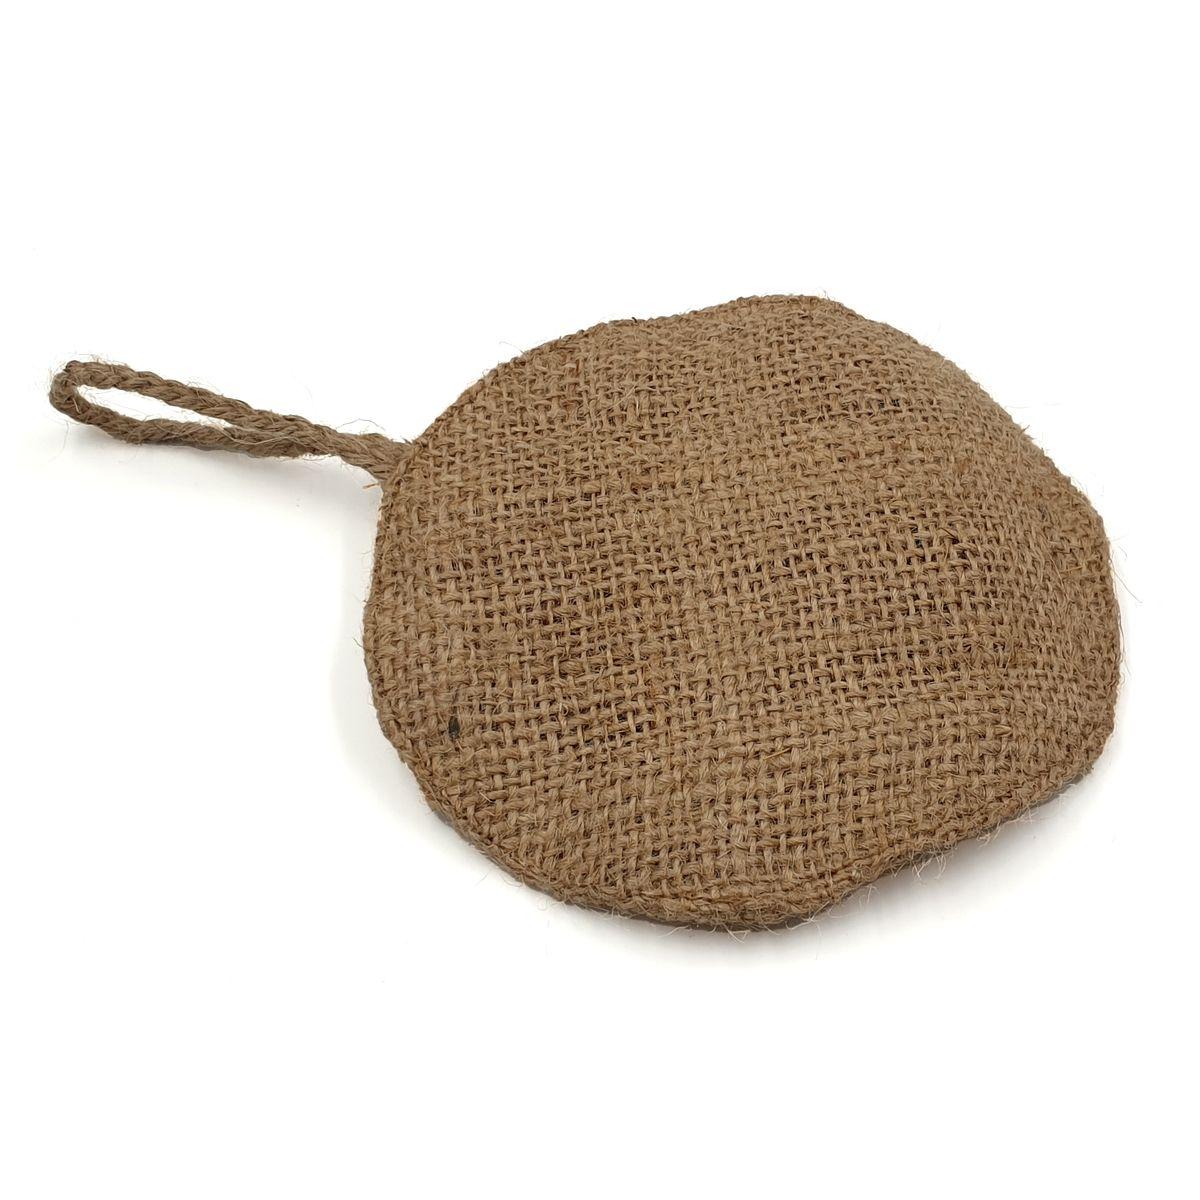 Eponge à vaisselle naturel en fibre de jute et coco - Cookut